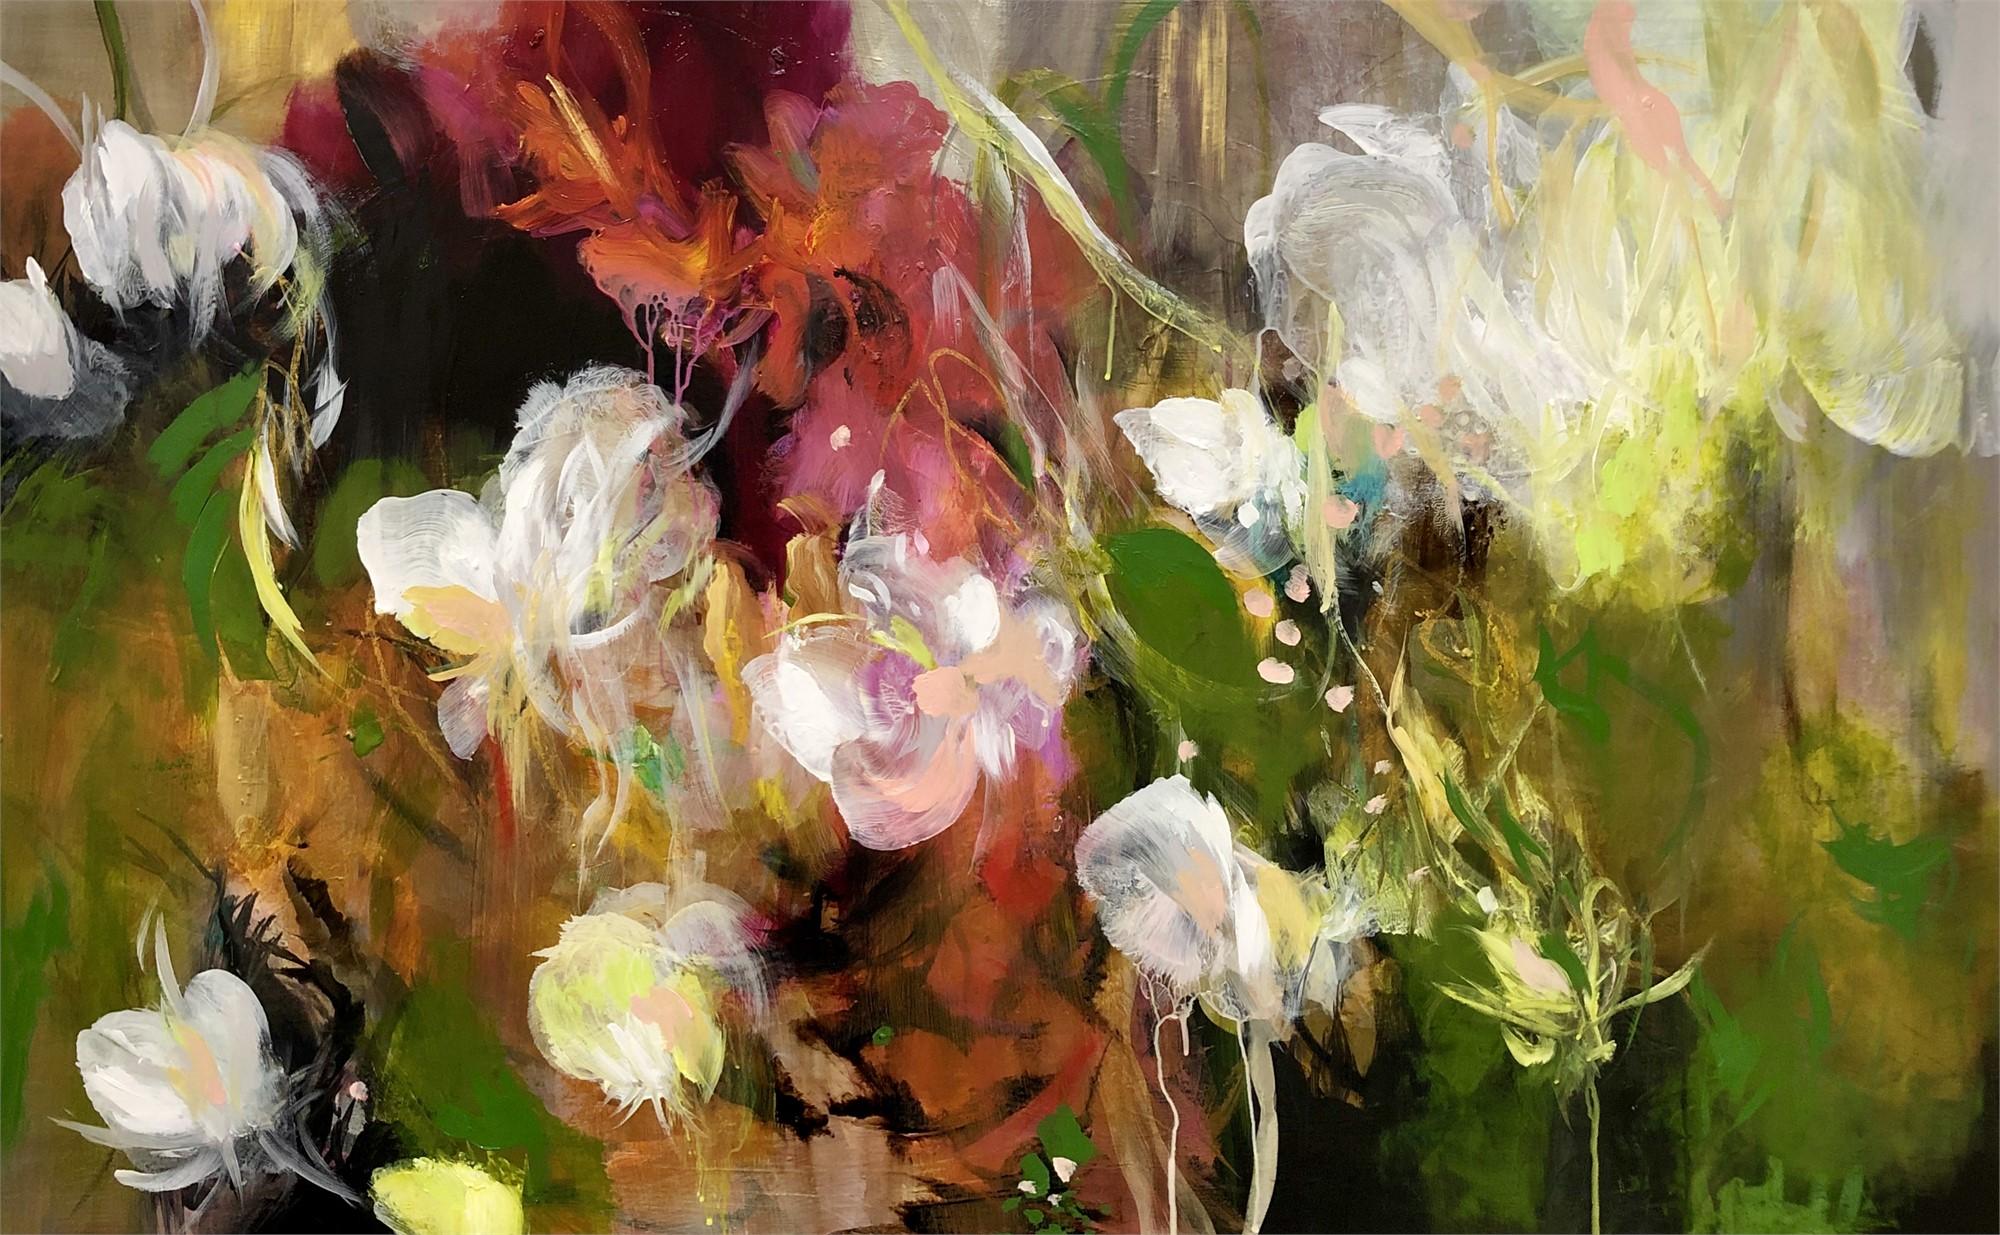 Lule by Jennifer JL Jones